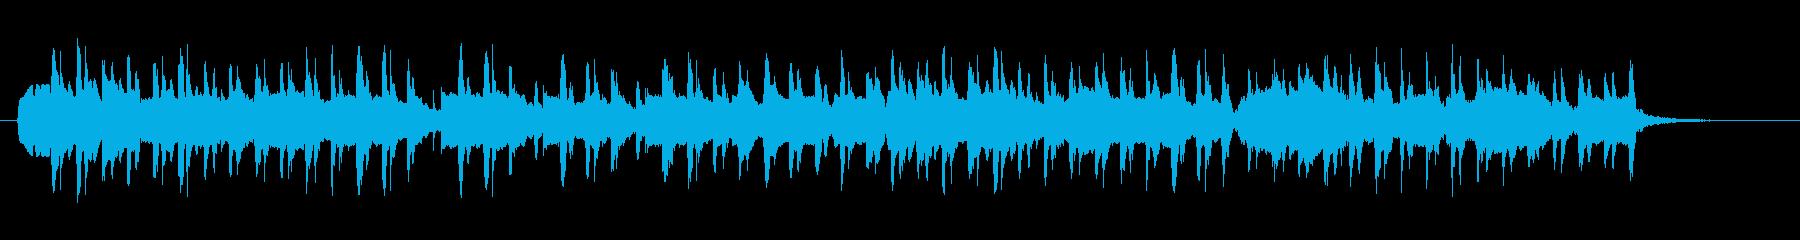 サティ「ジュ・トゥ・ヴ」をボサ風3拍子での再生済みの波形